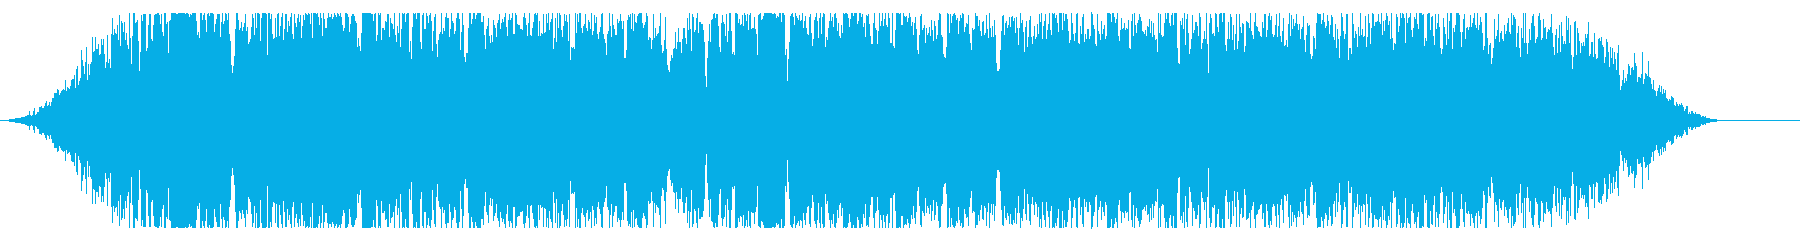 ボウリングパークの再生済みの波形